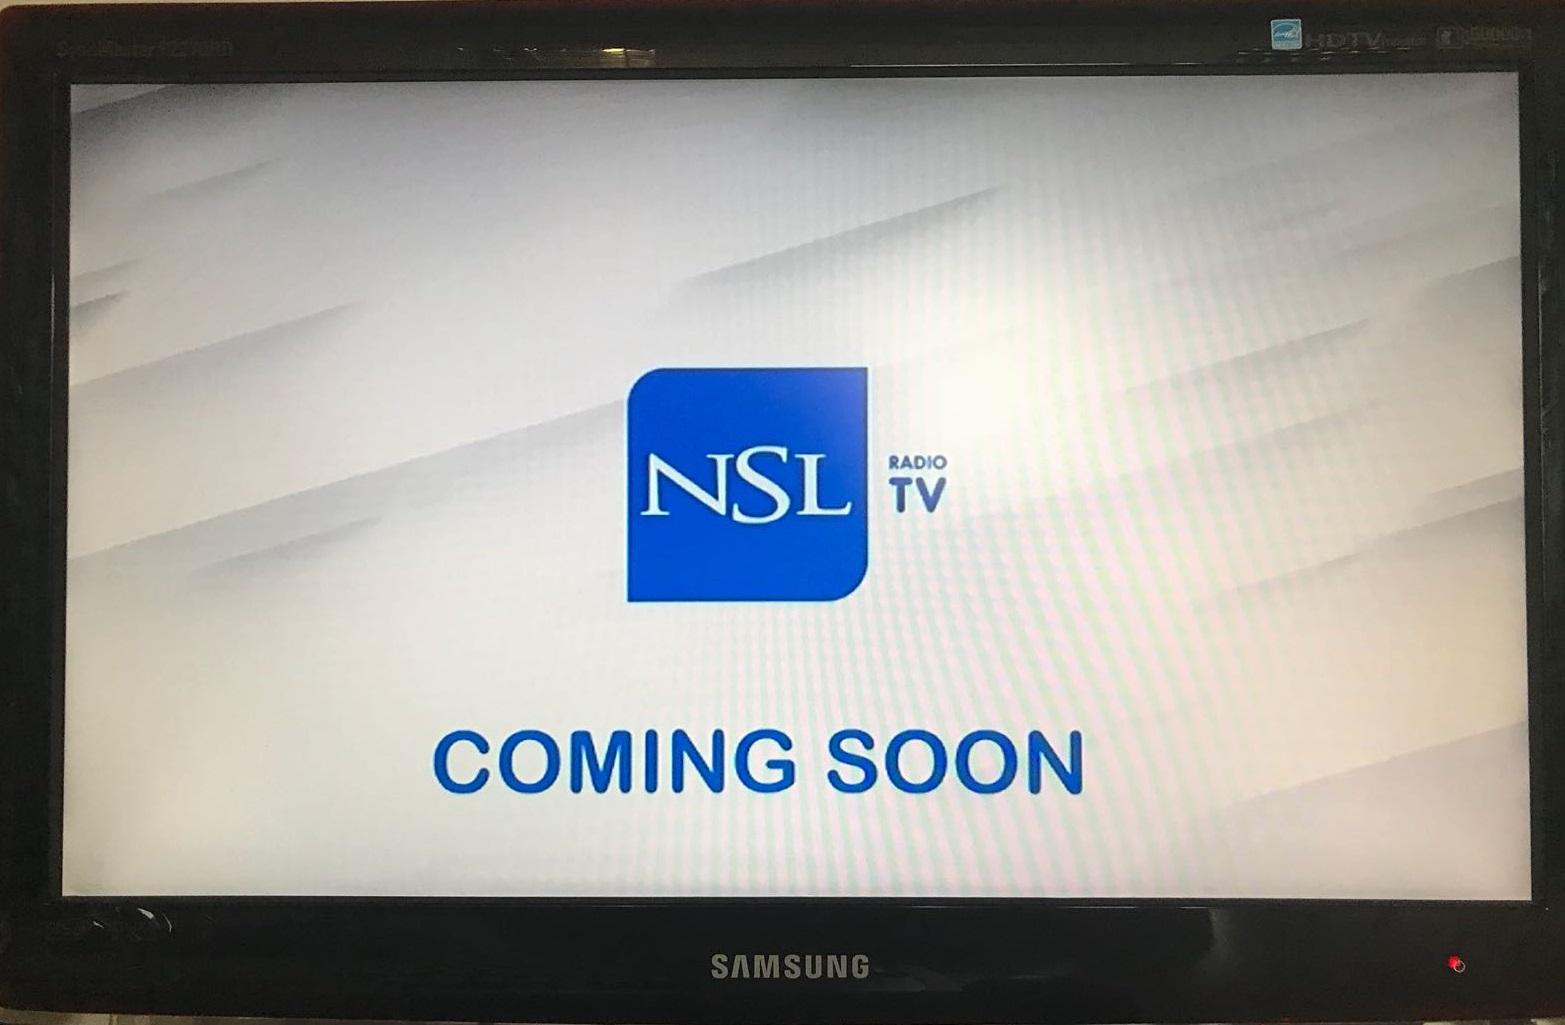 NSL Radio Tv coming soon - Radio e Tv. Migrazione DTT con formato H264 in luogo di H265. Di Maio apre tavolo 4.0. Anche Radio interessata da cambiamenti